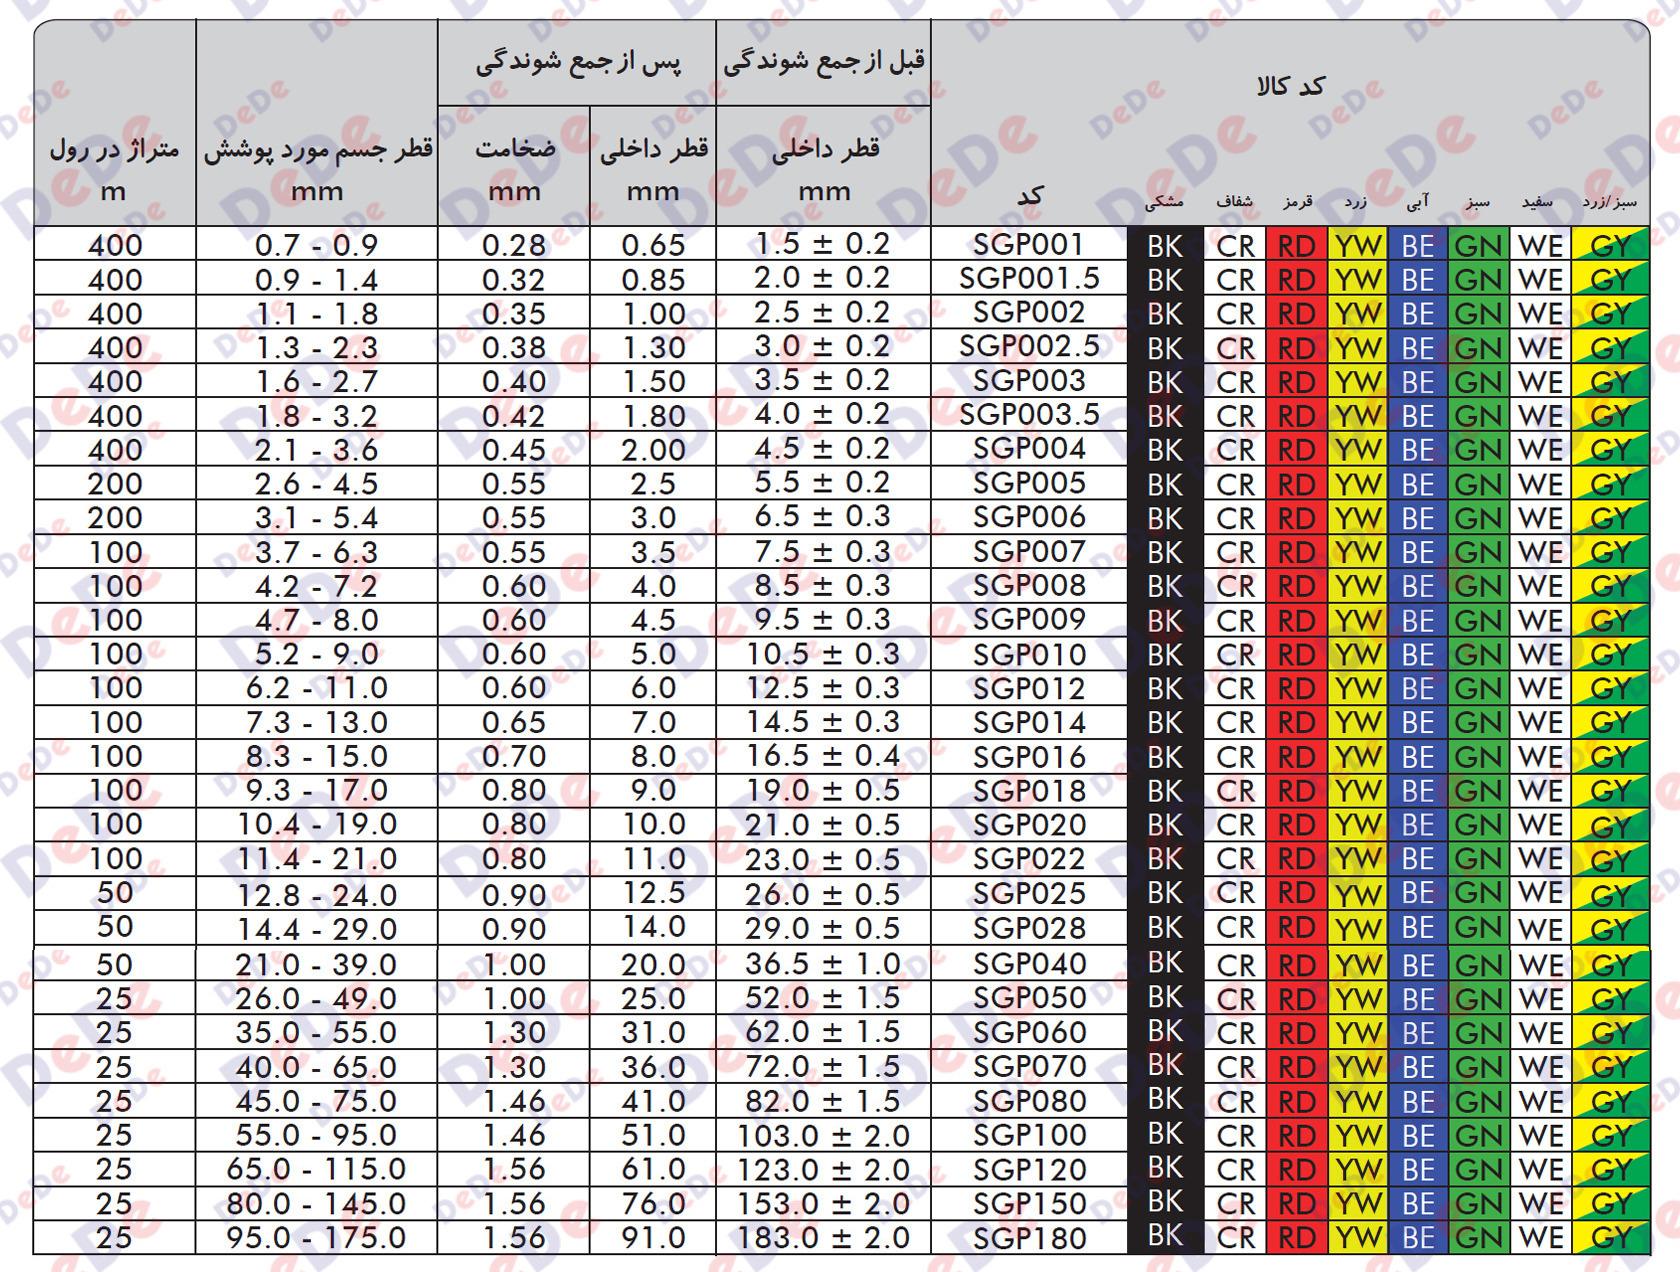 جدول نسبت جمع شوندگی روکش حرارت جمع شونده